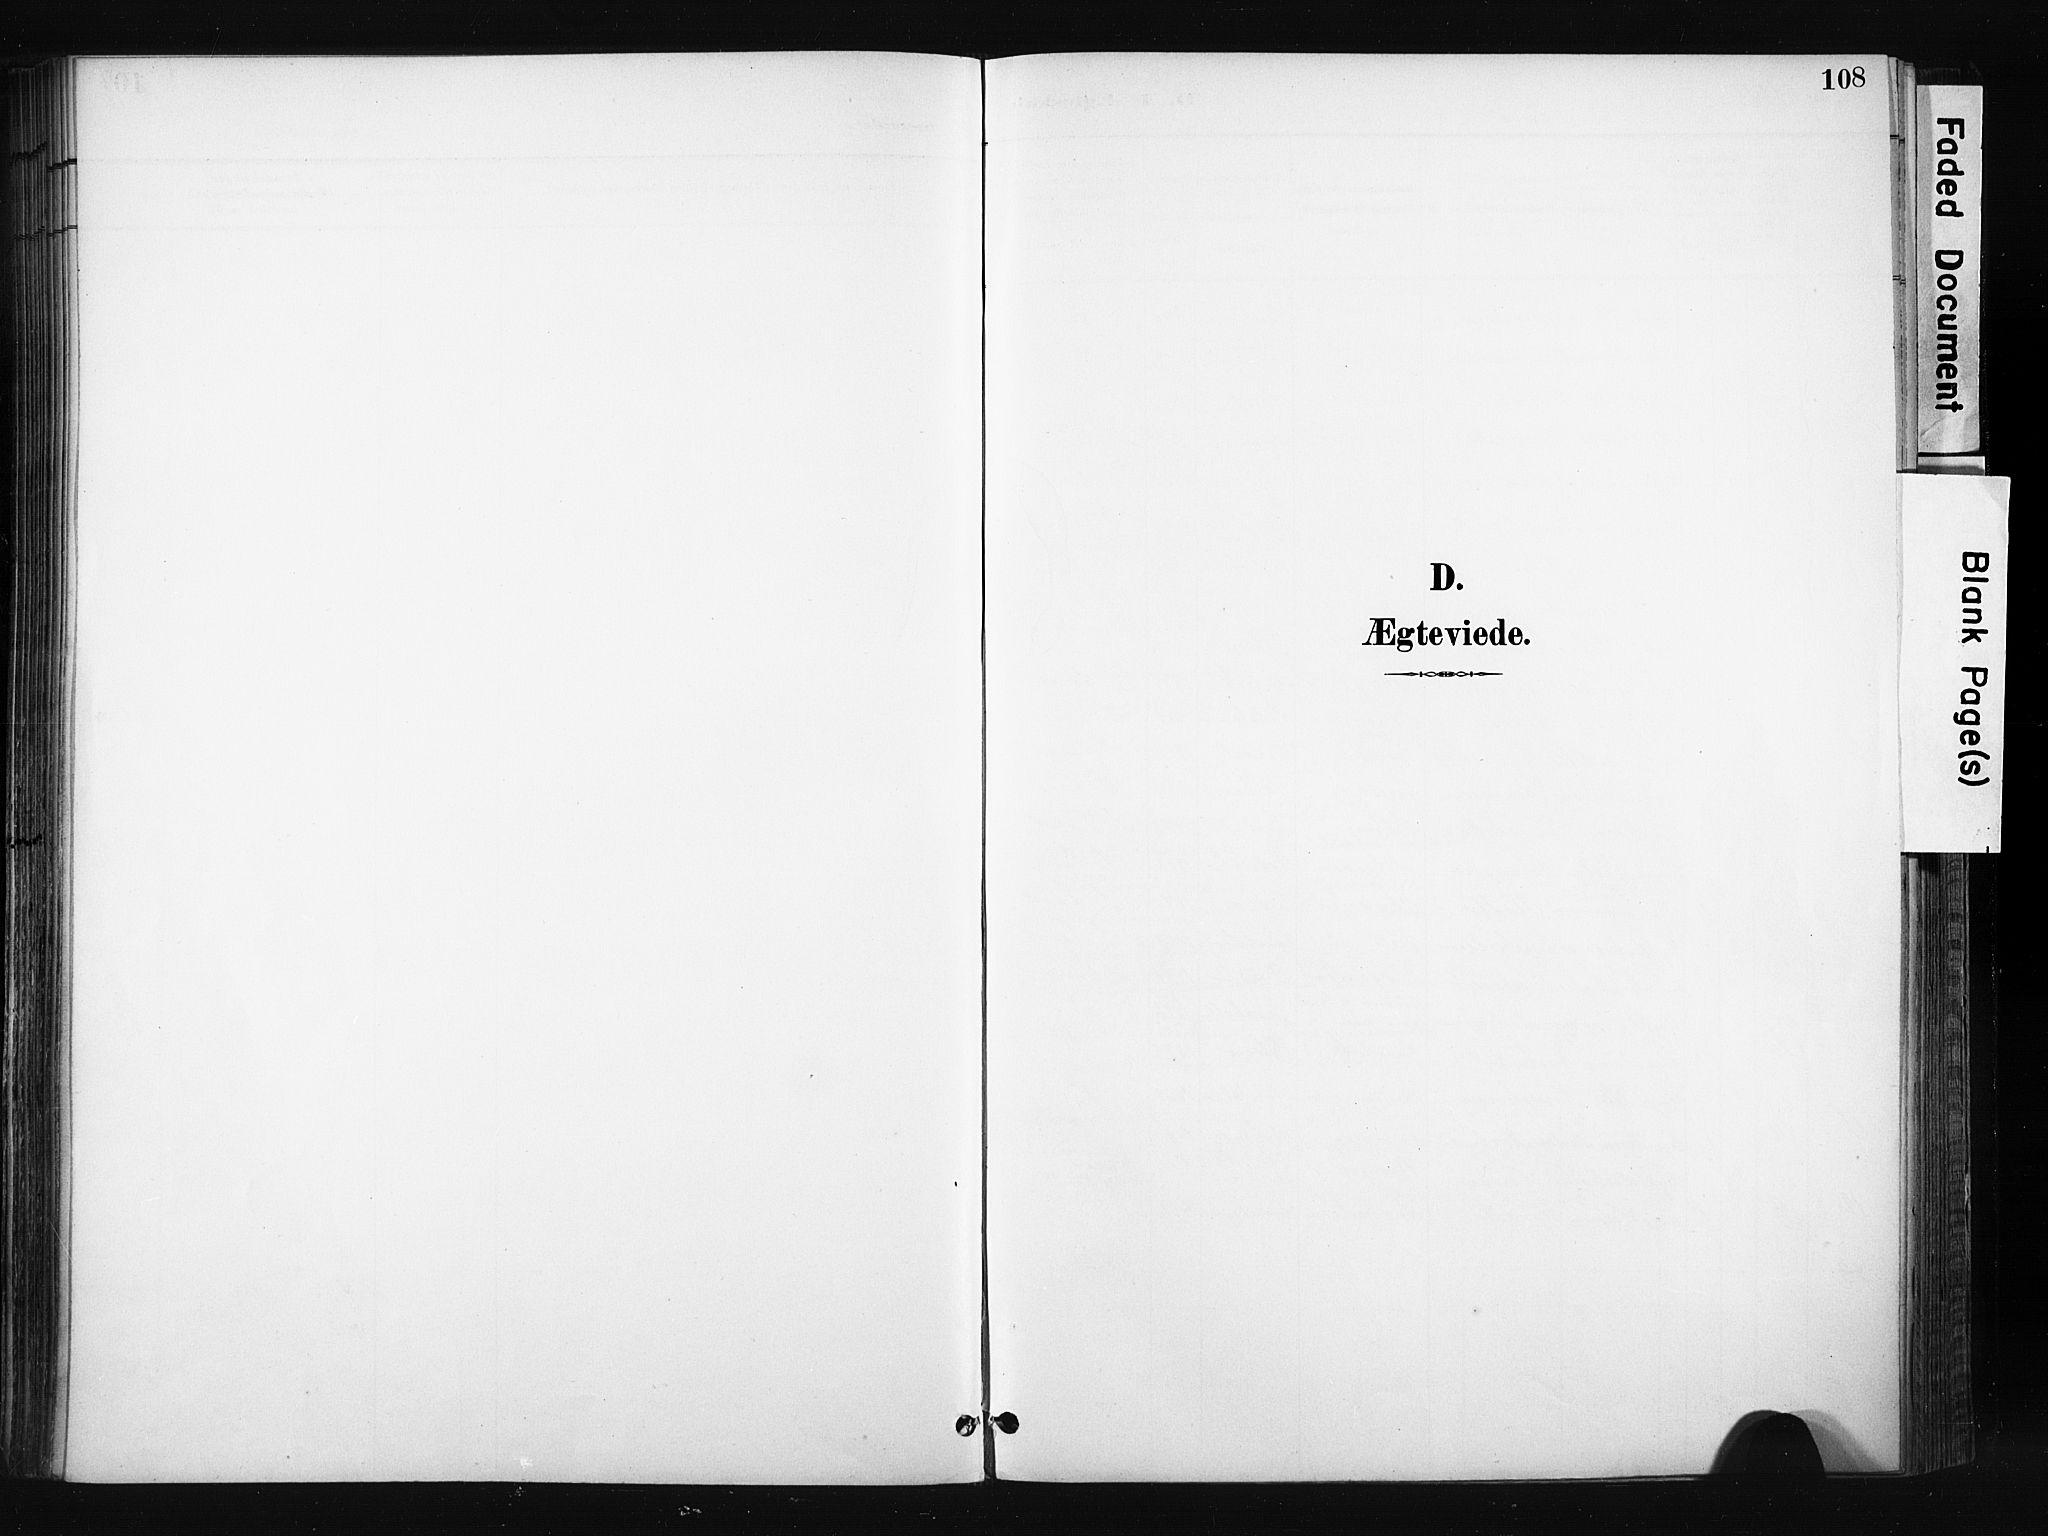 SAH, Søndre Land prestekontor, K/L0004: Ministerialbok nr. 4, 1895-1904, s. 108